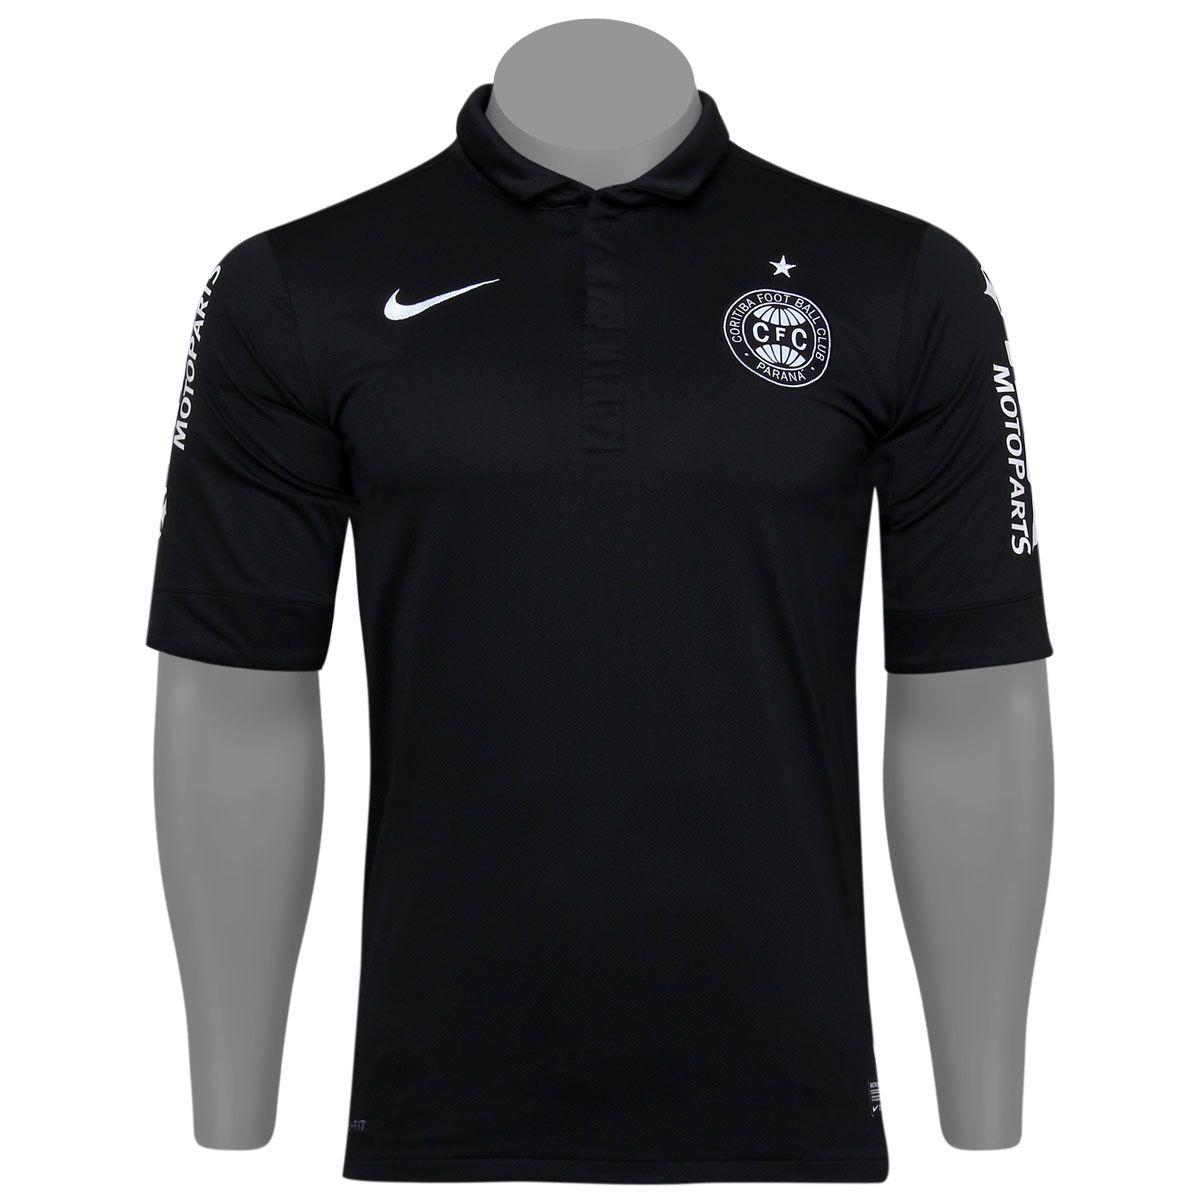 c4af807e1417c Nike Coritiba III 2012